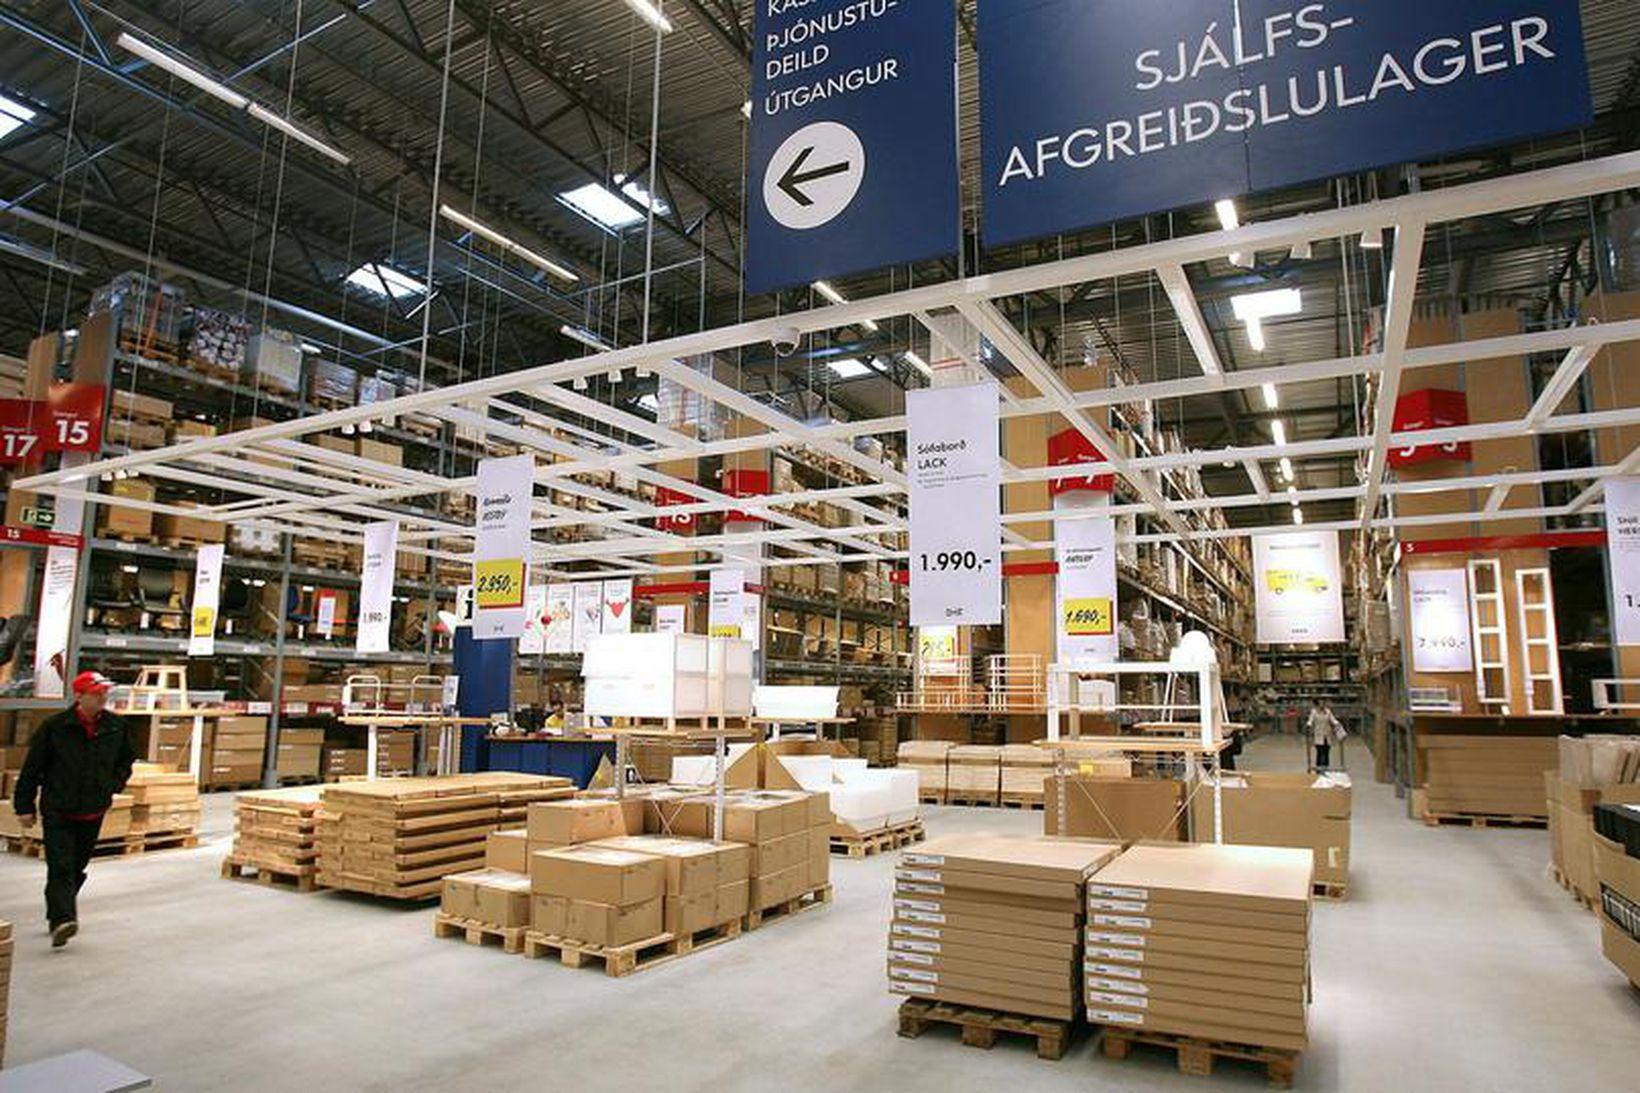 Úr IKEA í Kauptúni.